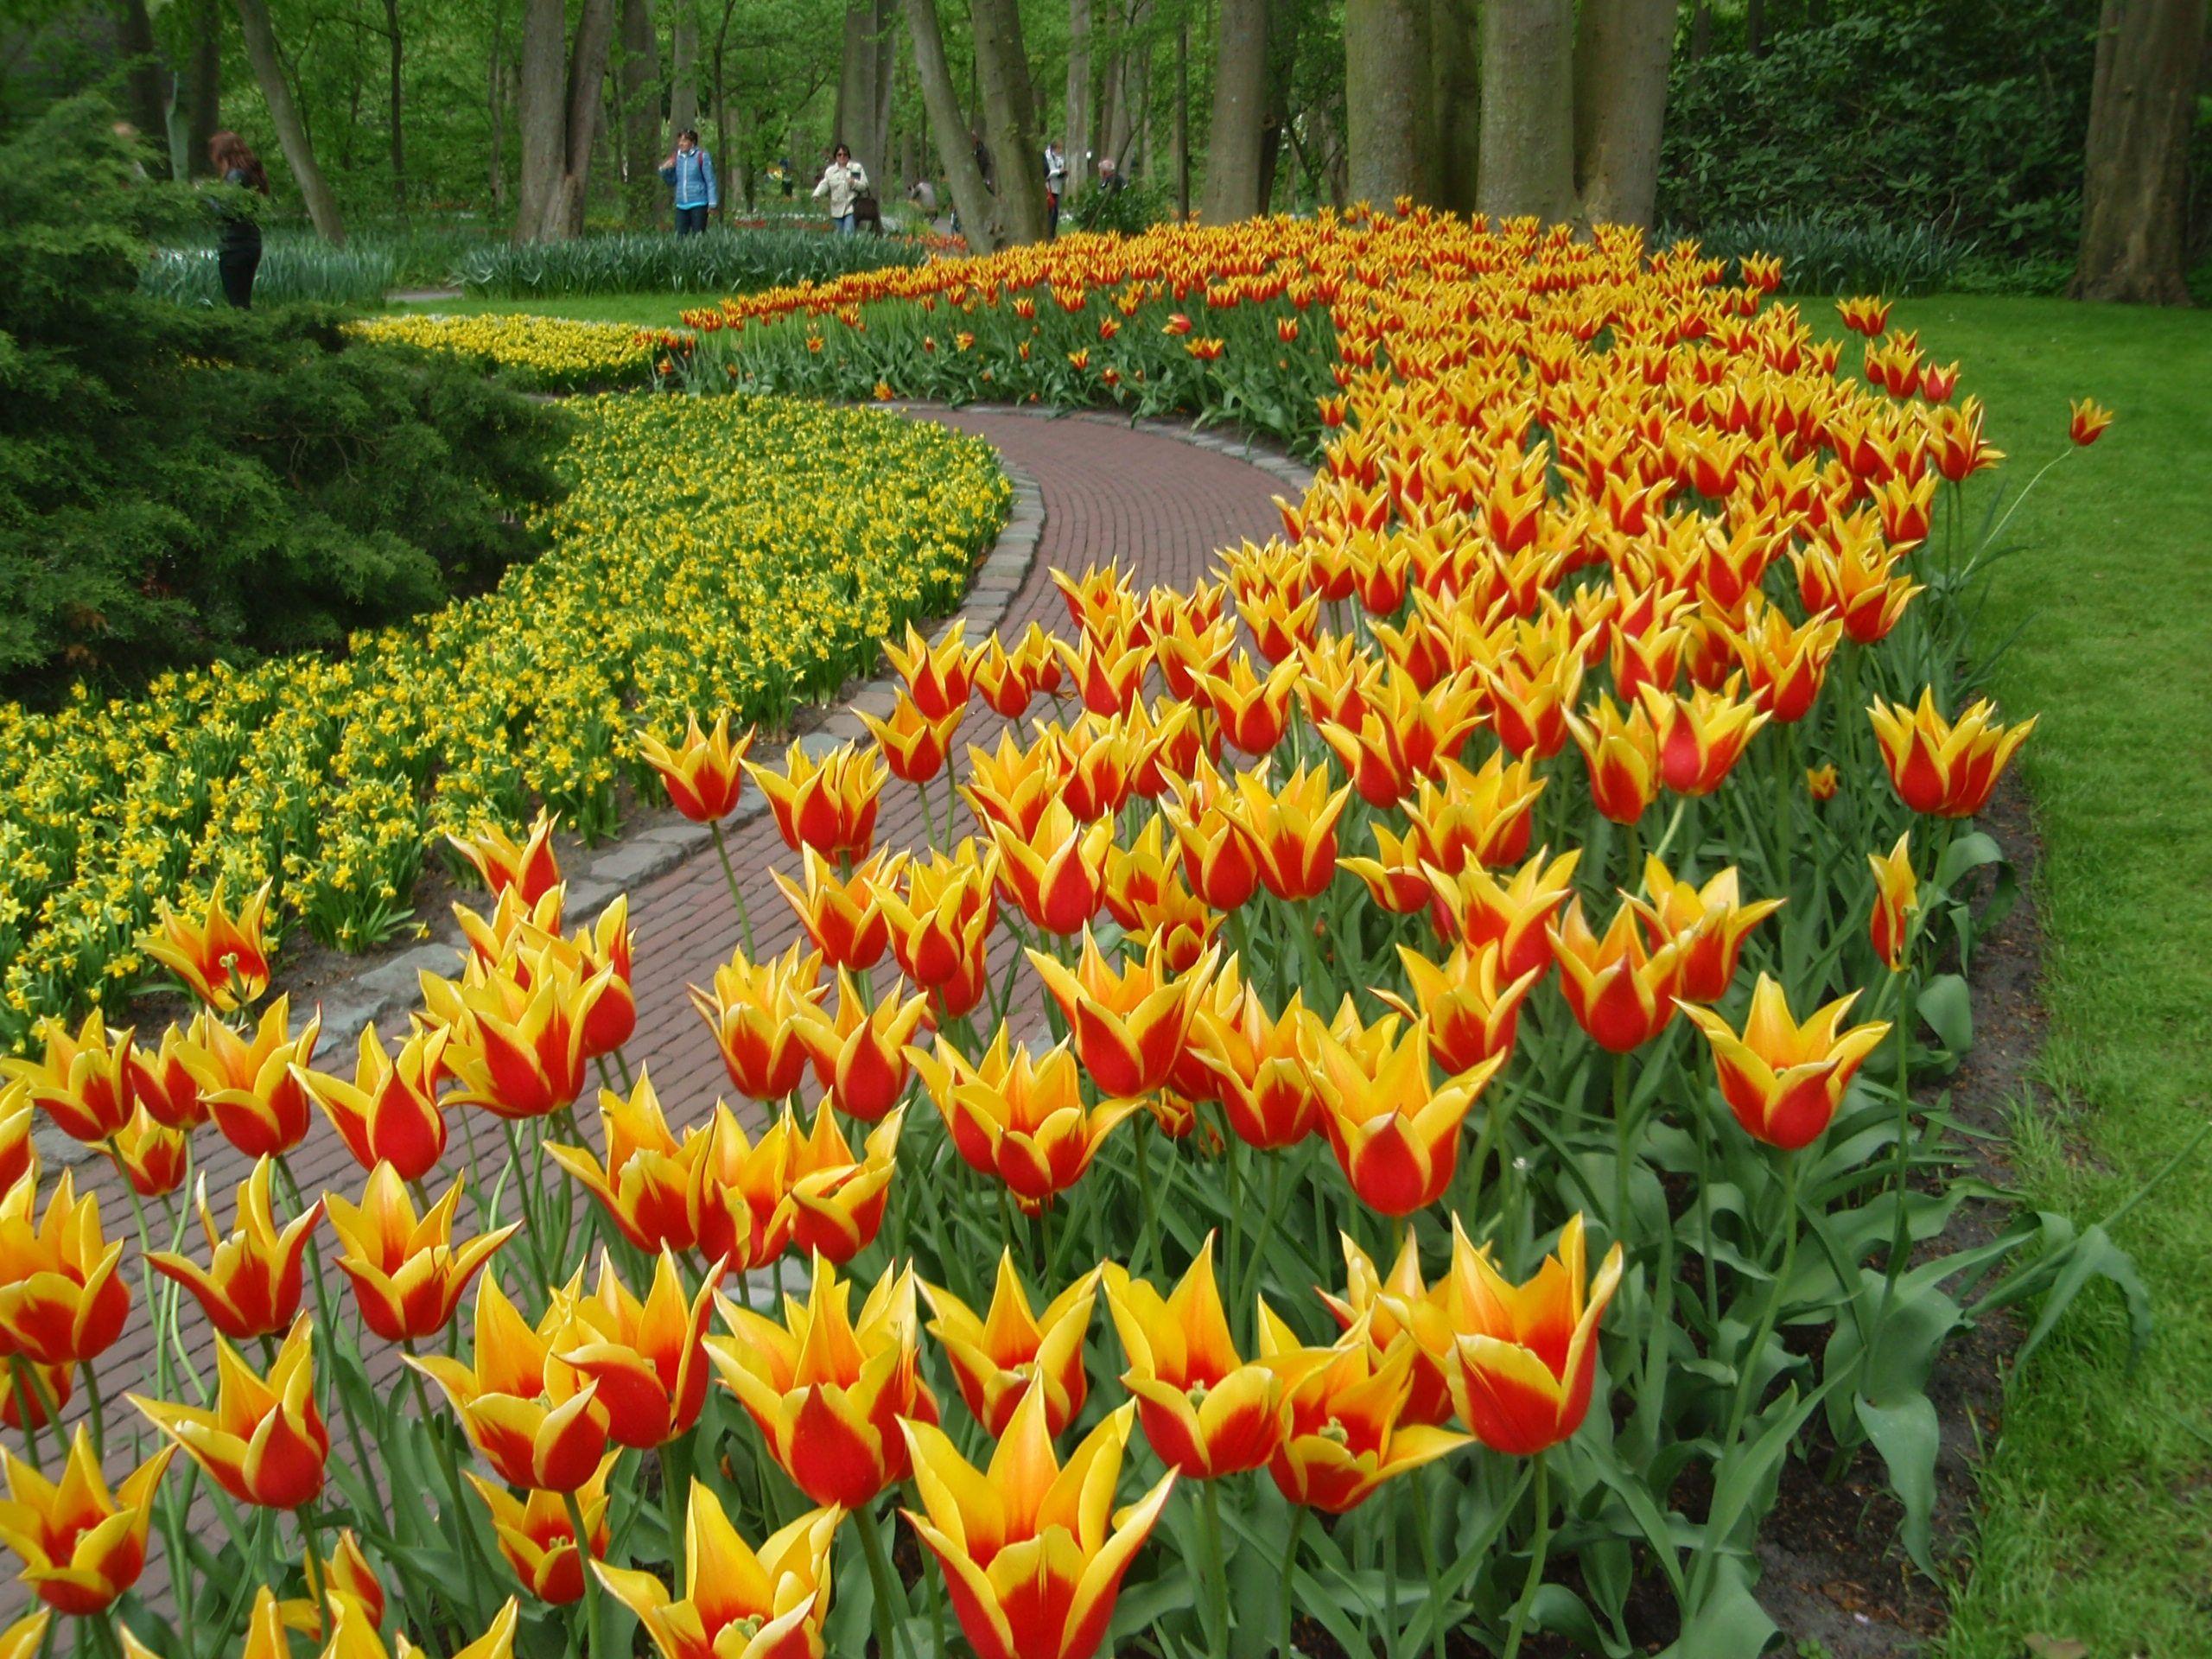 """Tulppaanien taikaa ©Hanna L: """"Kukkaloistoa Keukenhofin (tulppaani)puistossa Hollannissa 7.5.2015"""""""